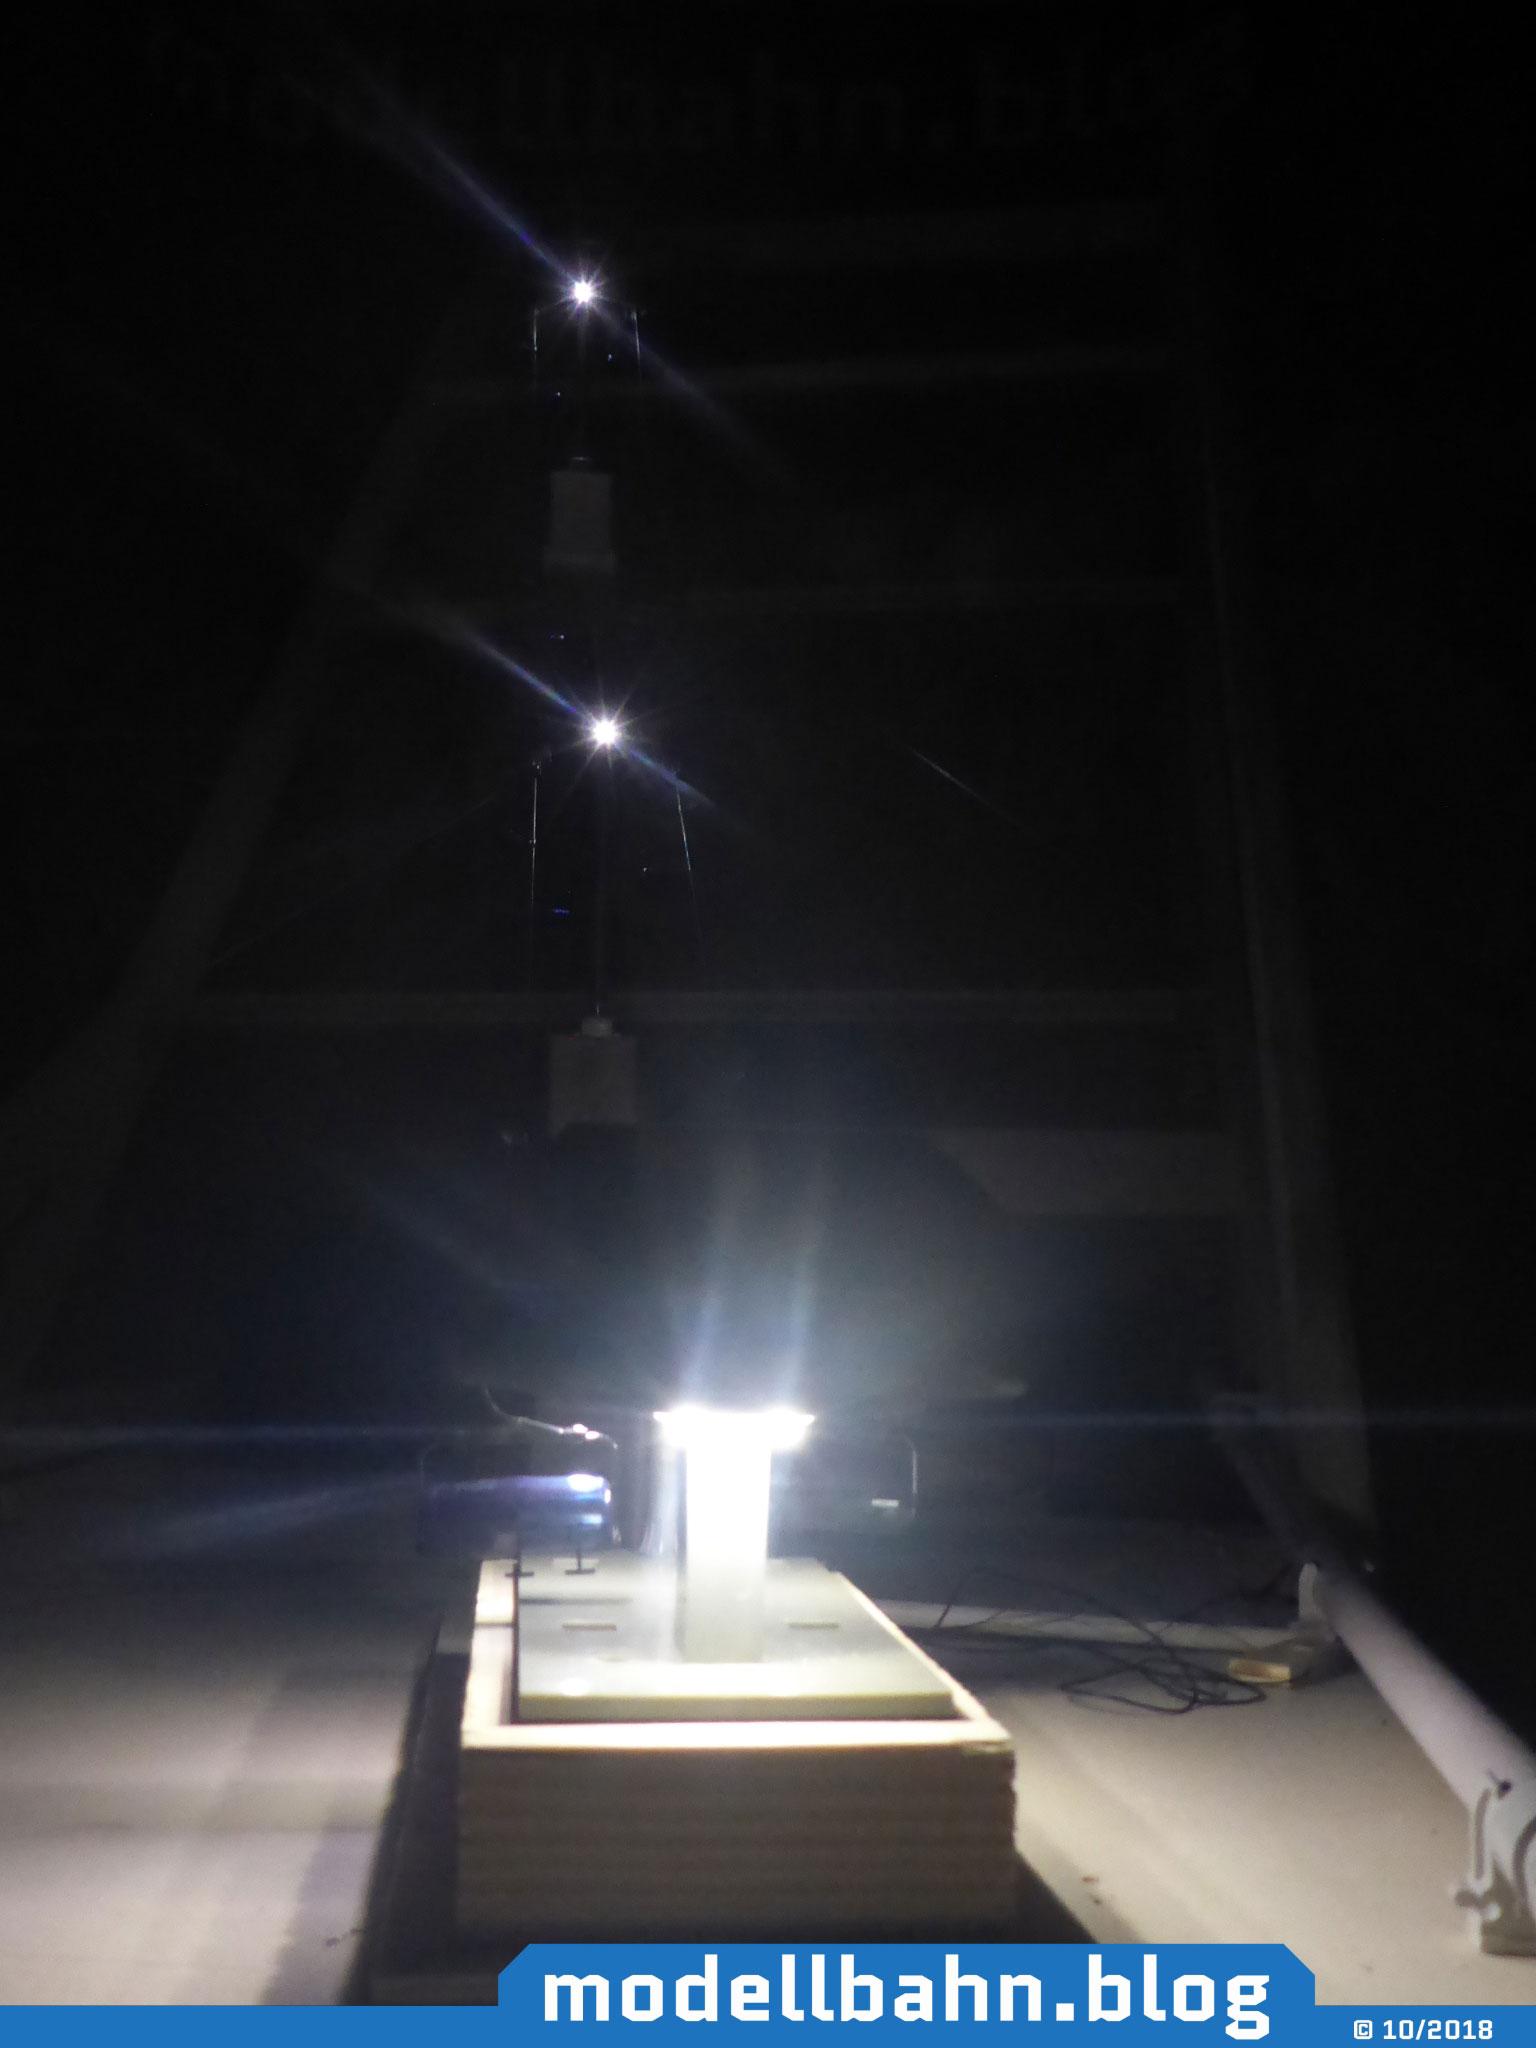 Strecke_mit_beleuchtung_web